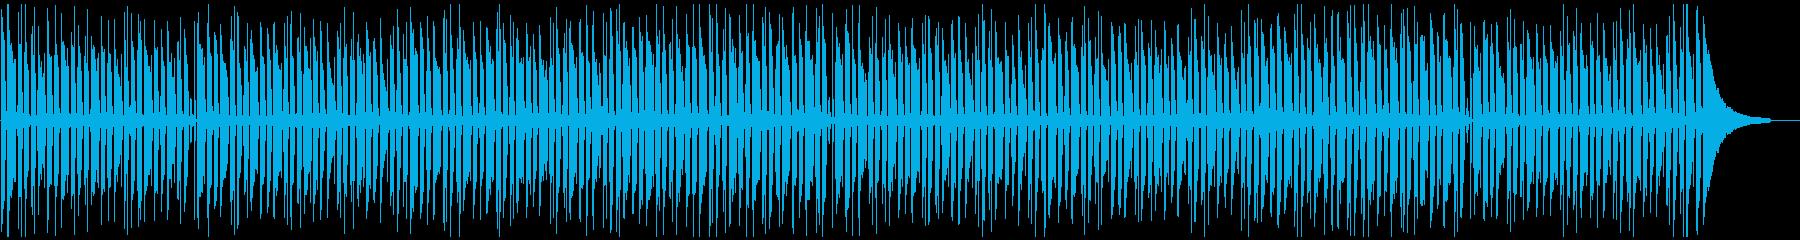 長い動画や読書に合う、落ち着いたボサノバの再生済みの波形